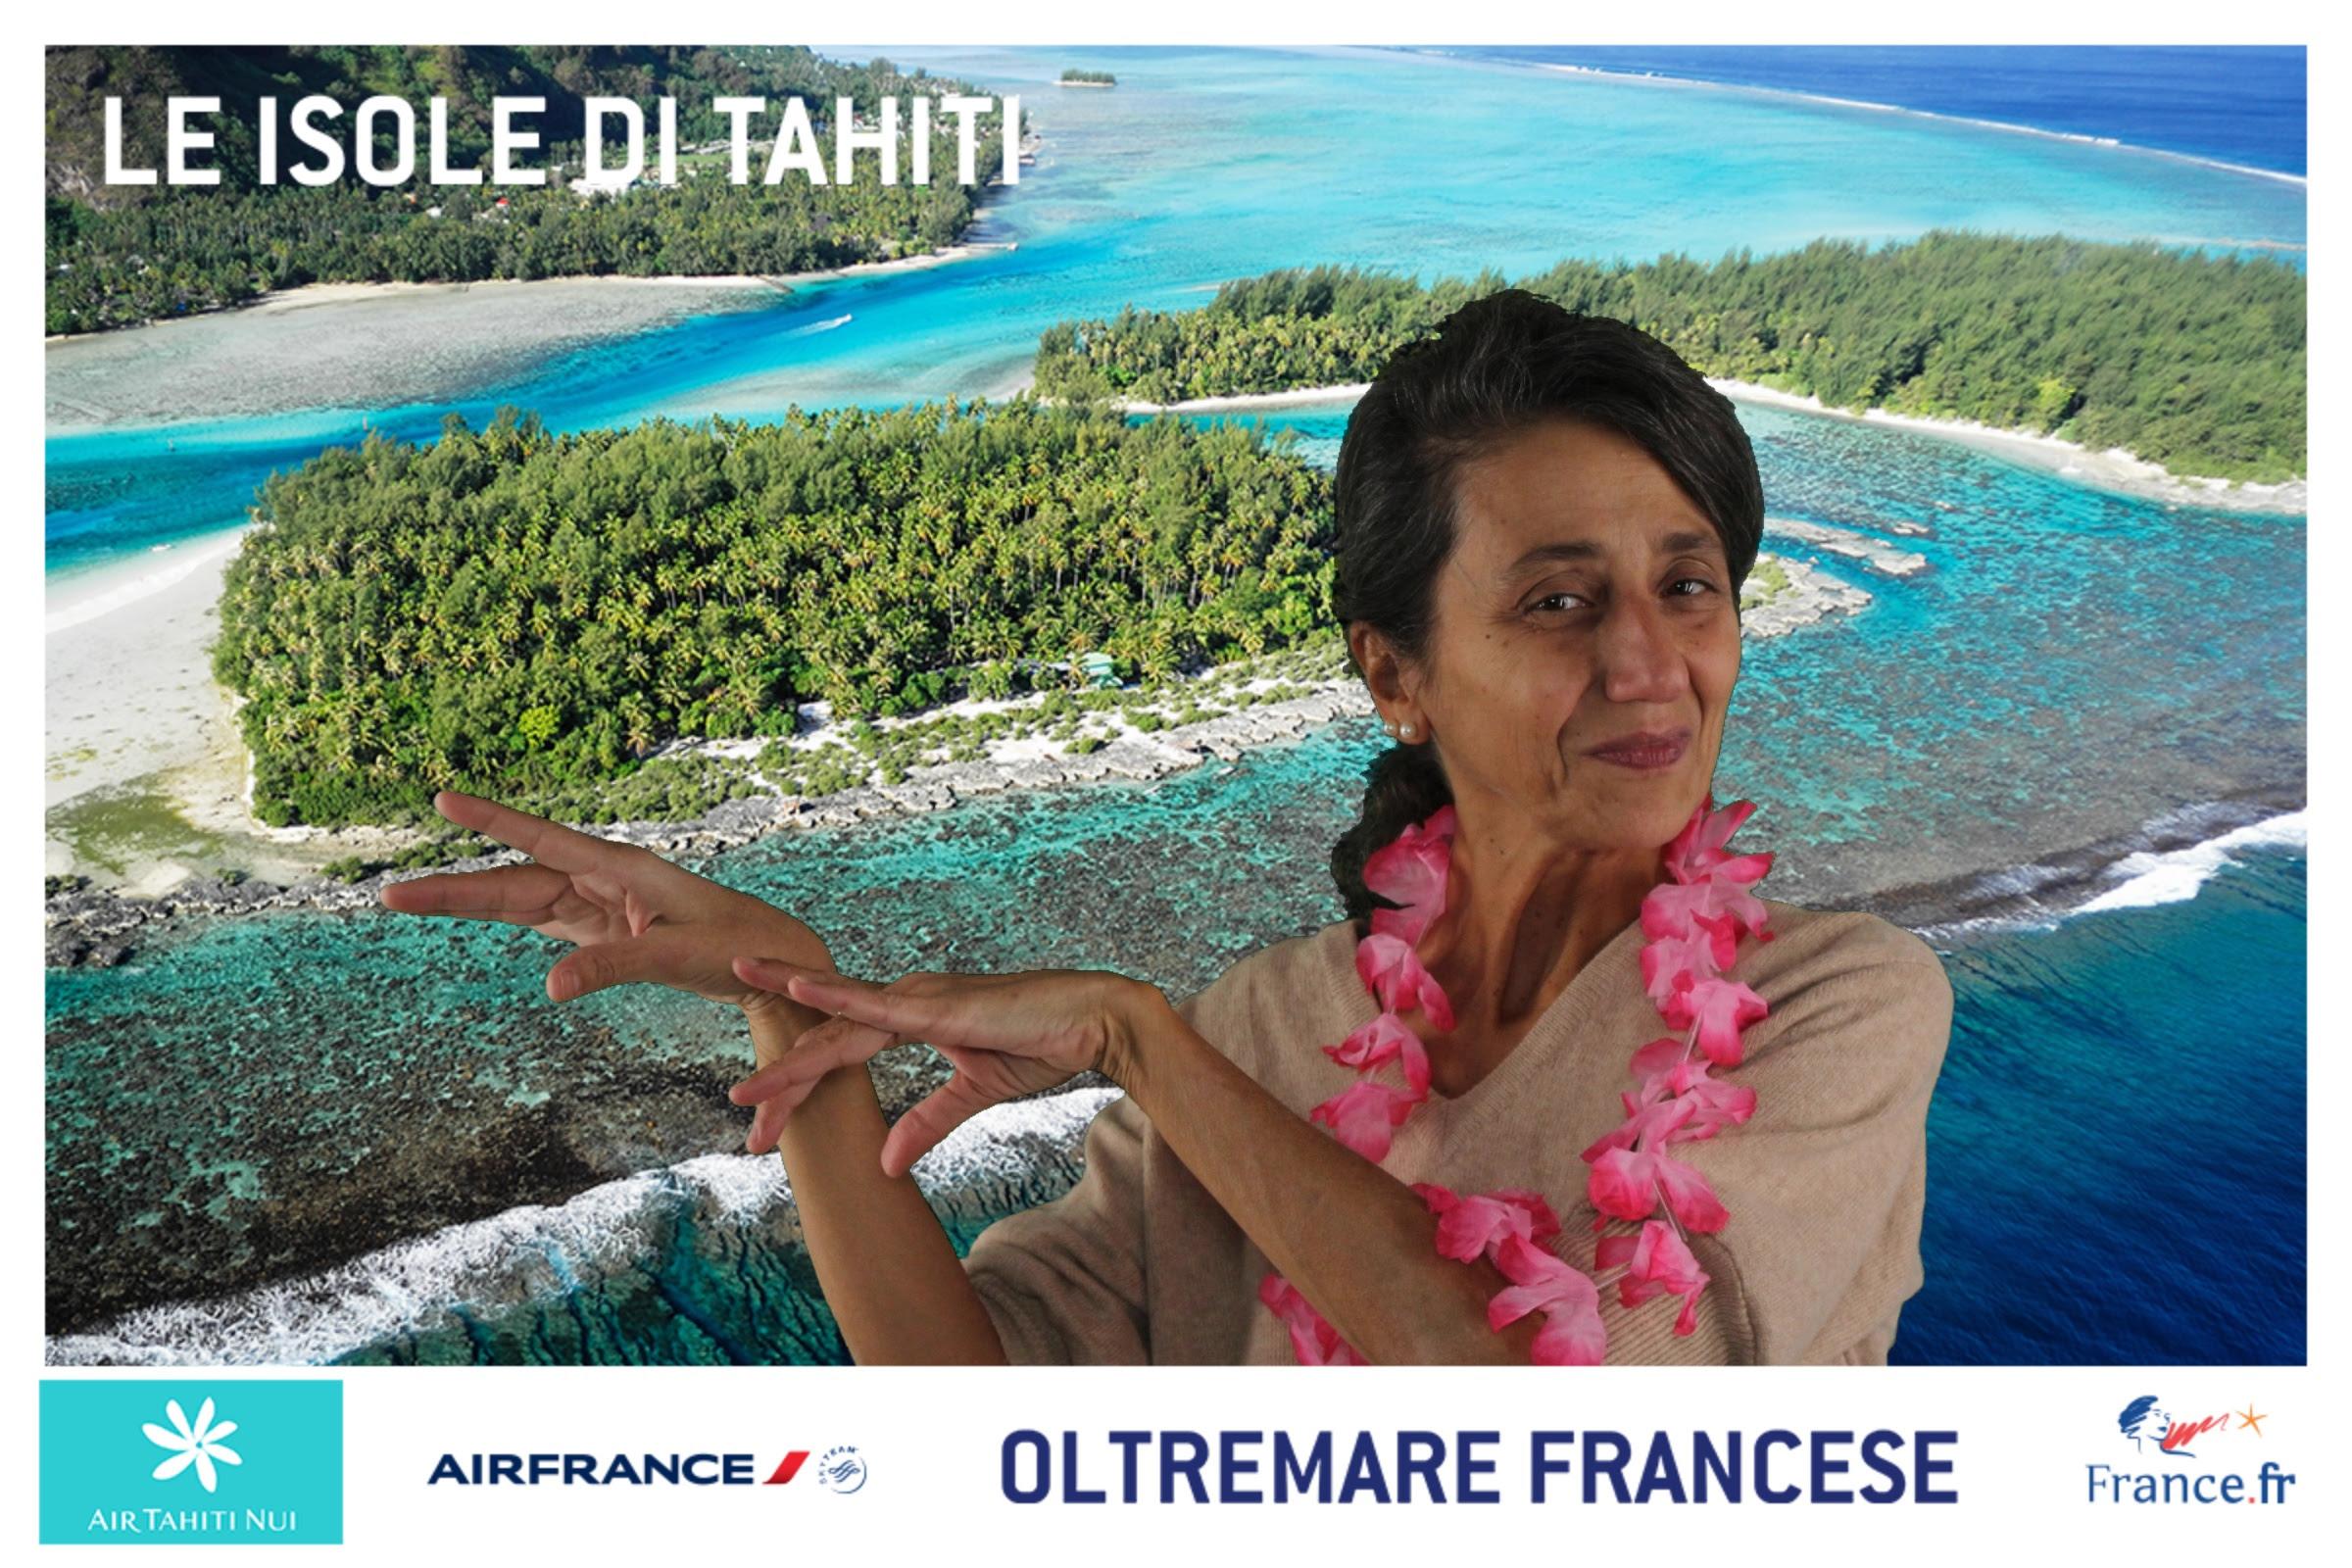 oltremare francese: Tahiti